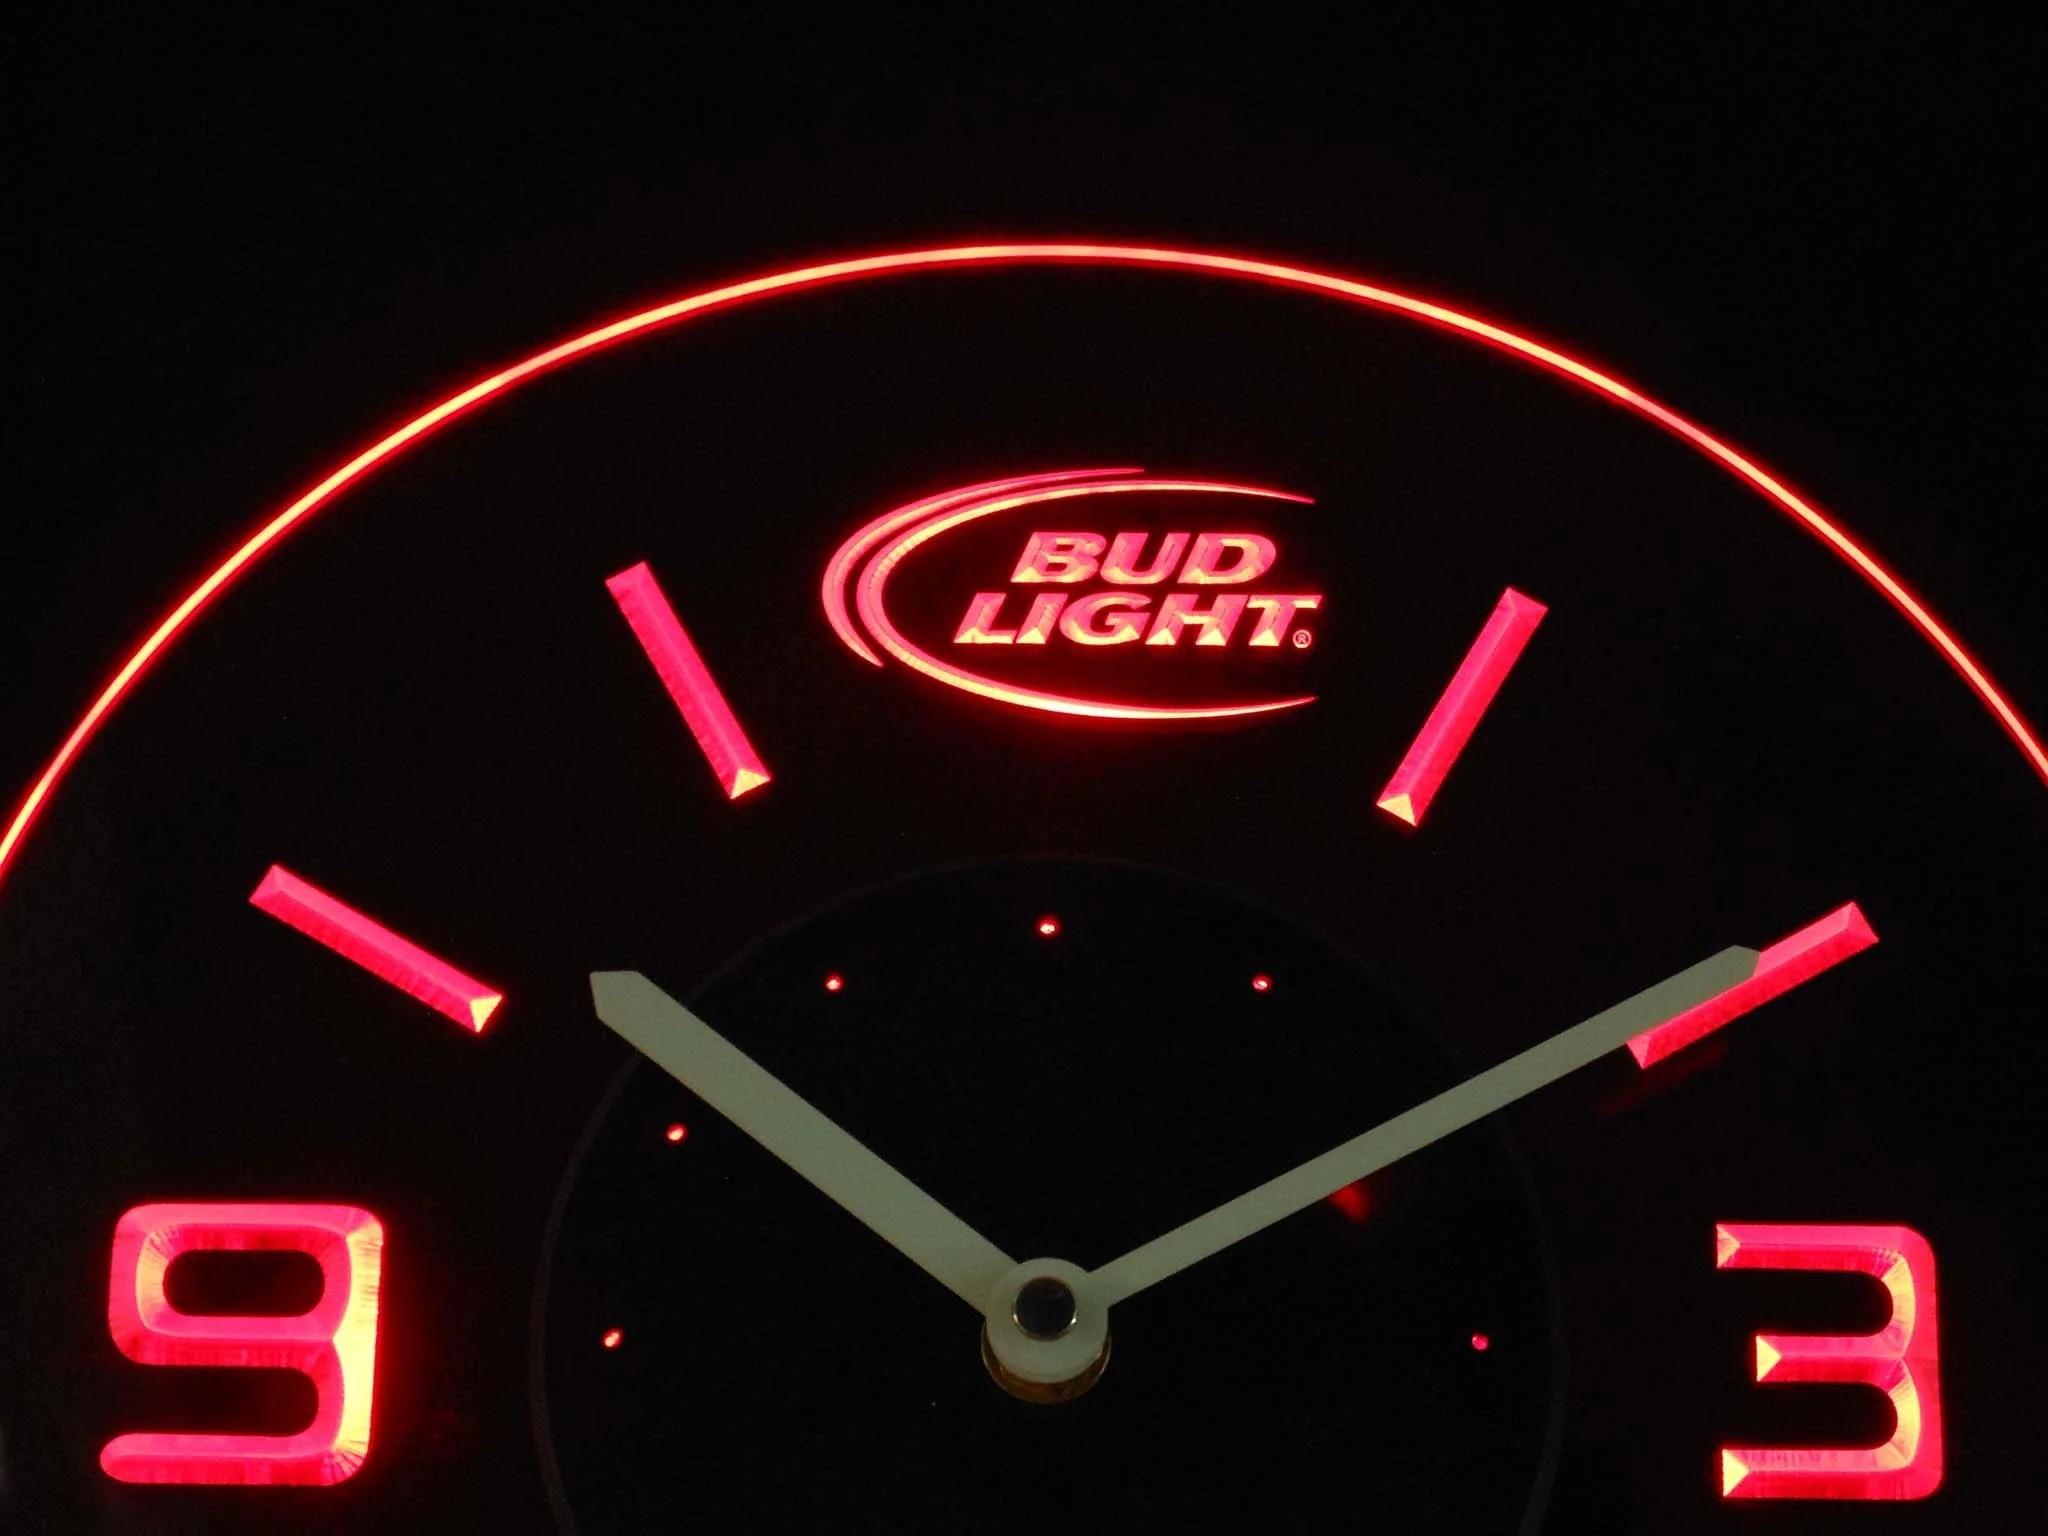 Neon Signs Bud Light